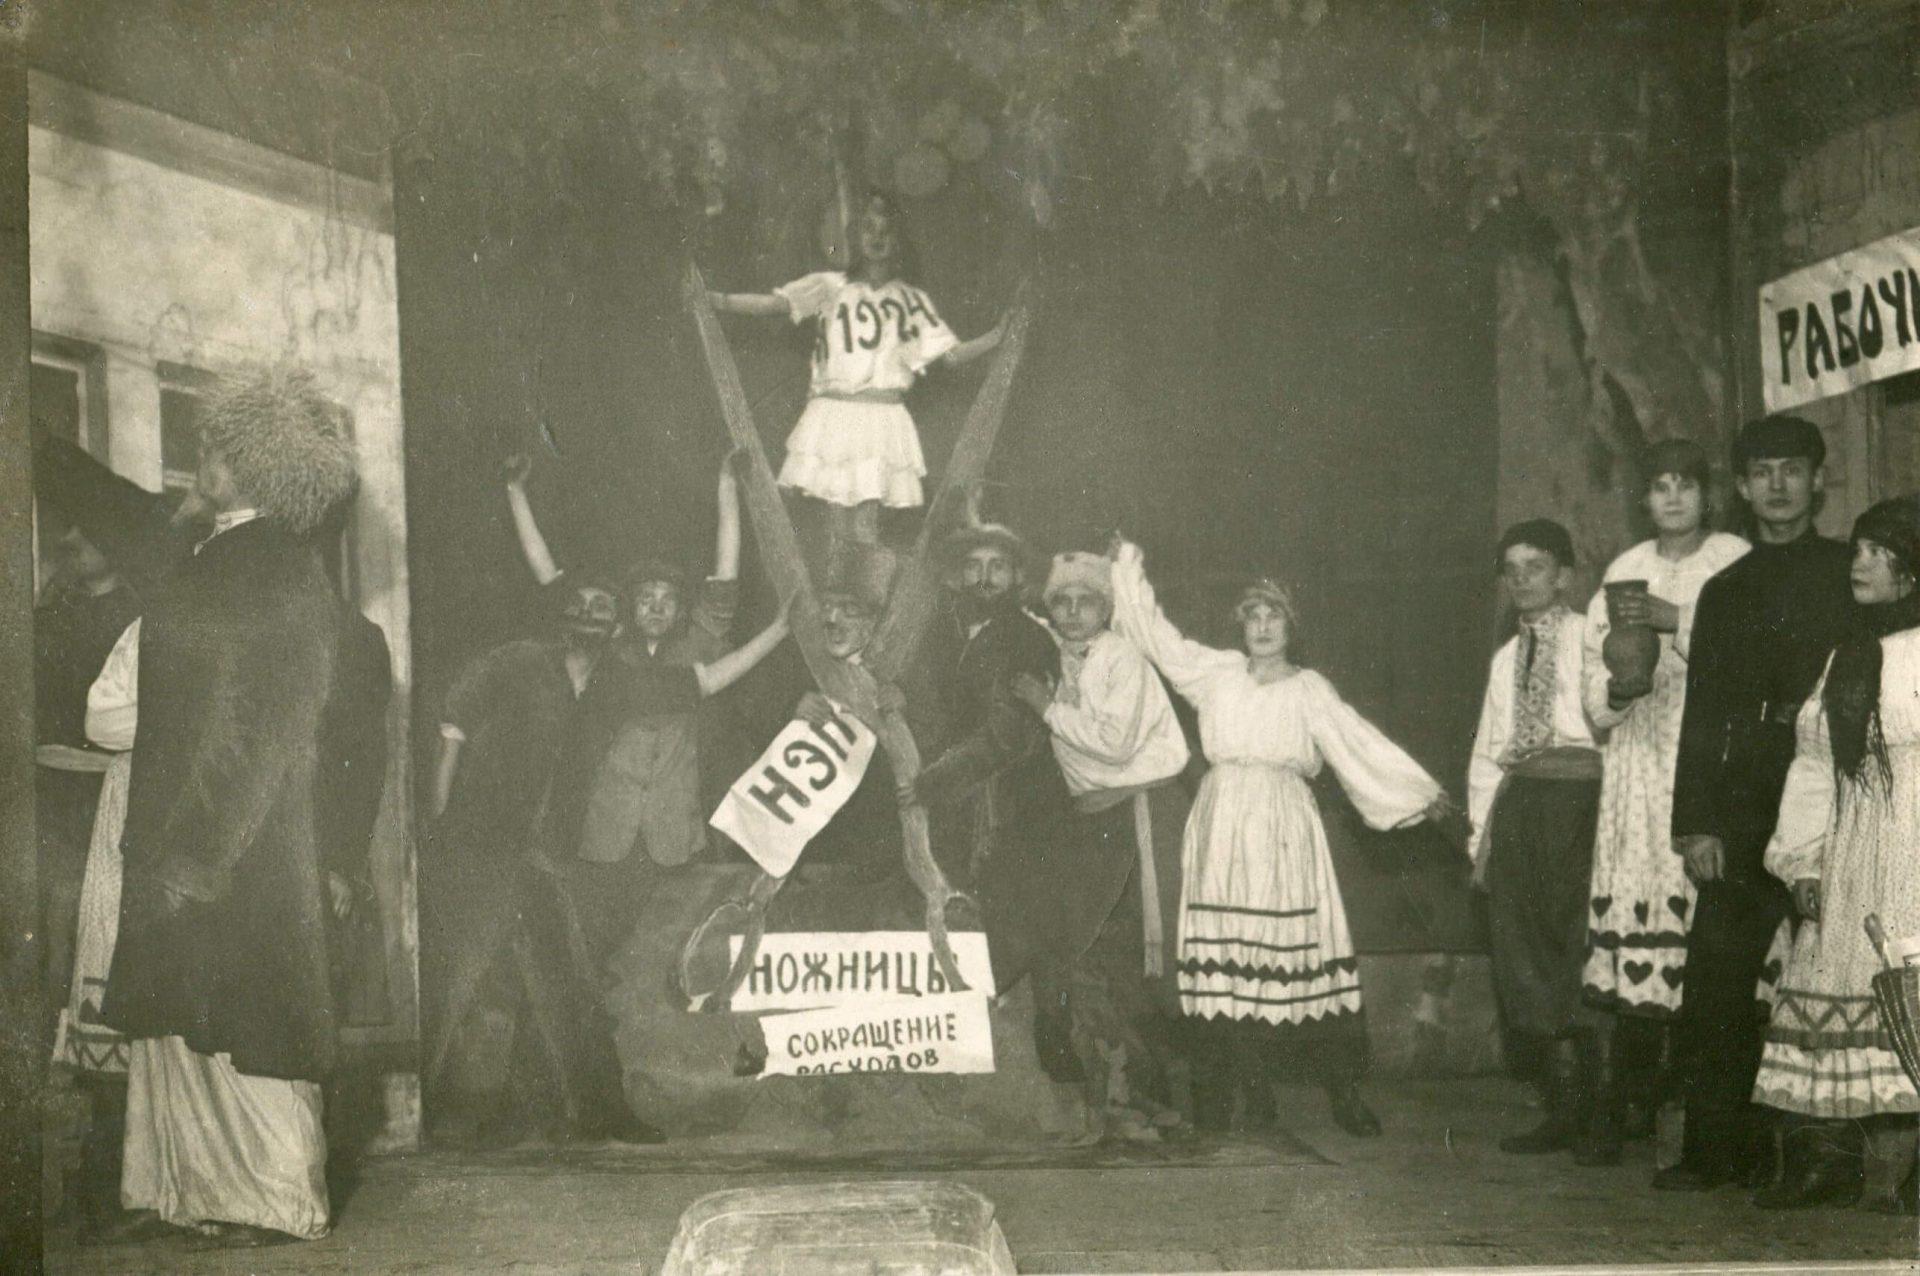 Робітничі клуби та радянізація дозвілля працівників Харкова у 1920-1930-ті роки